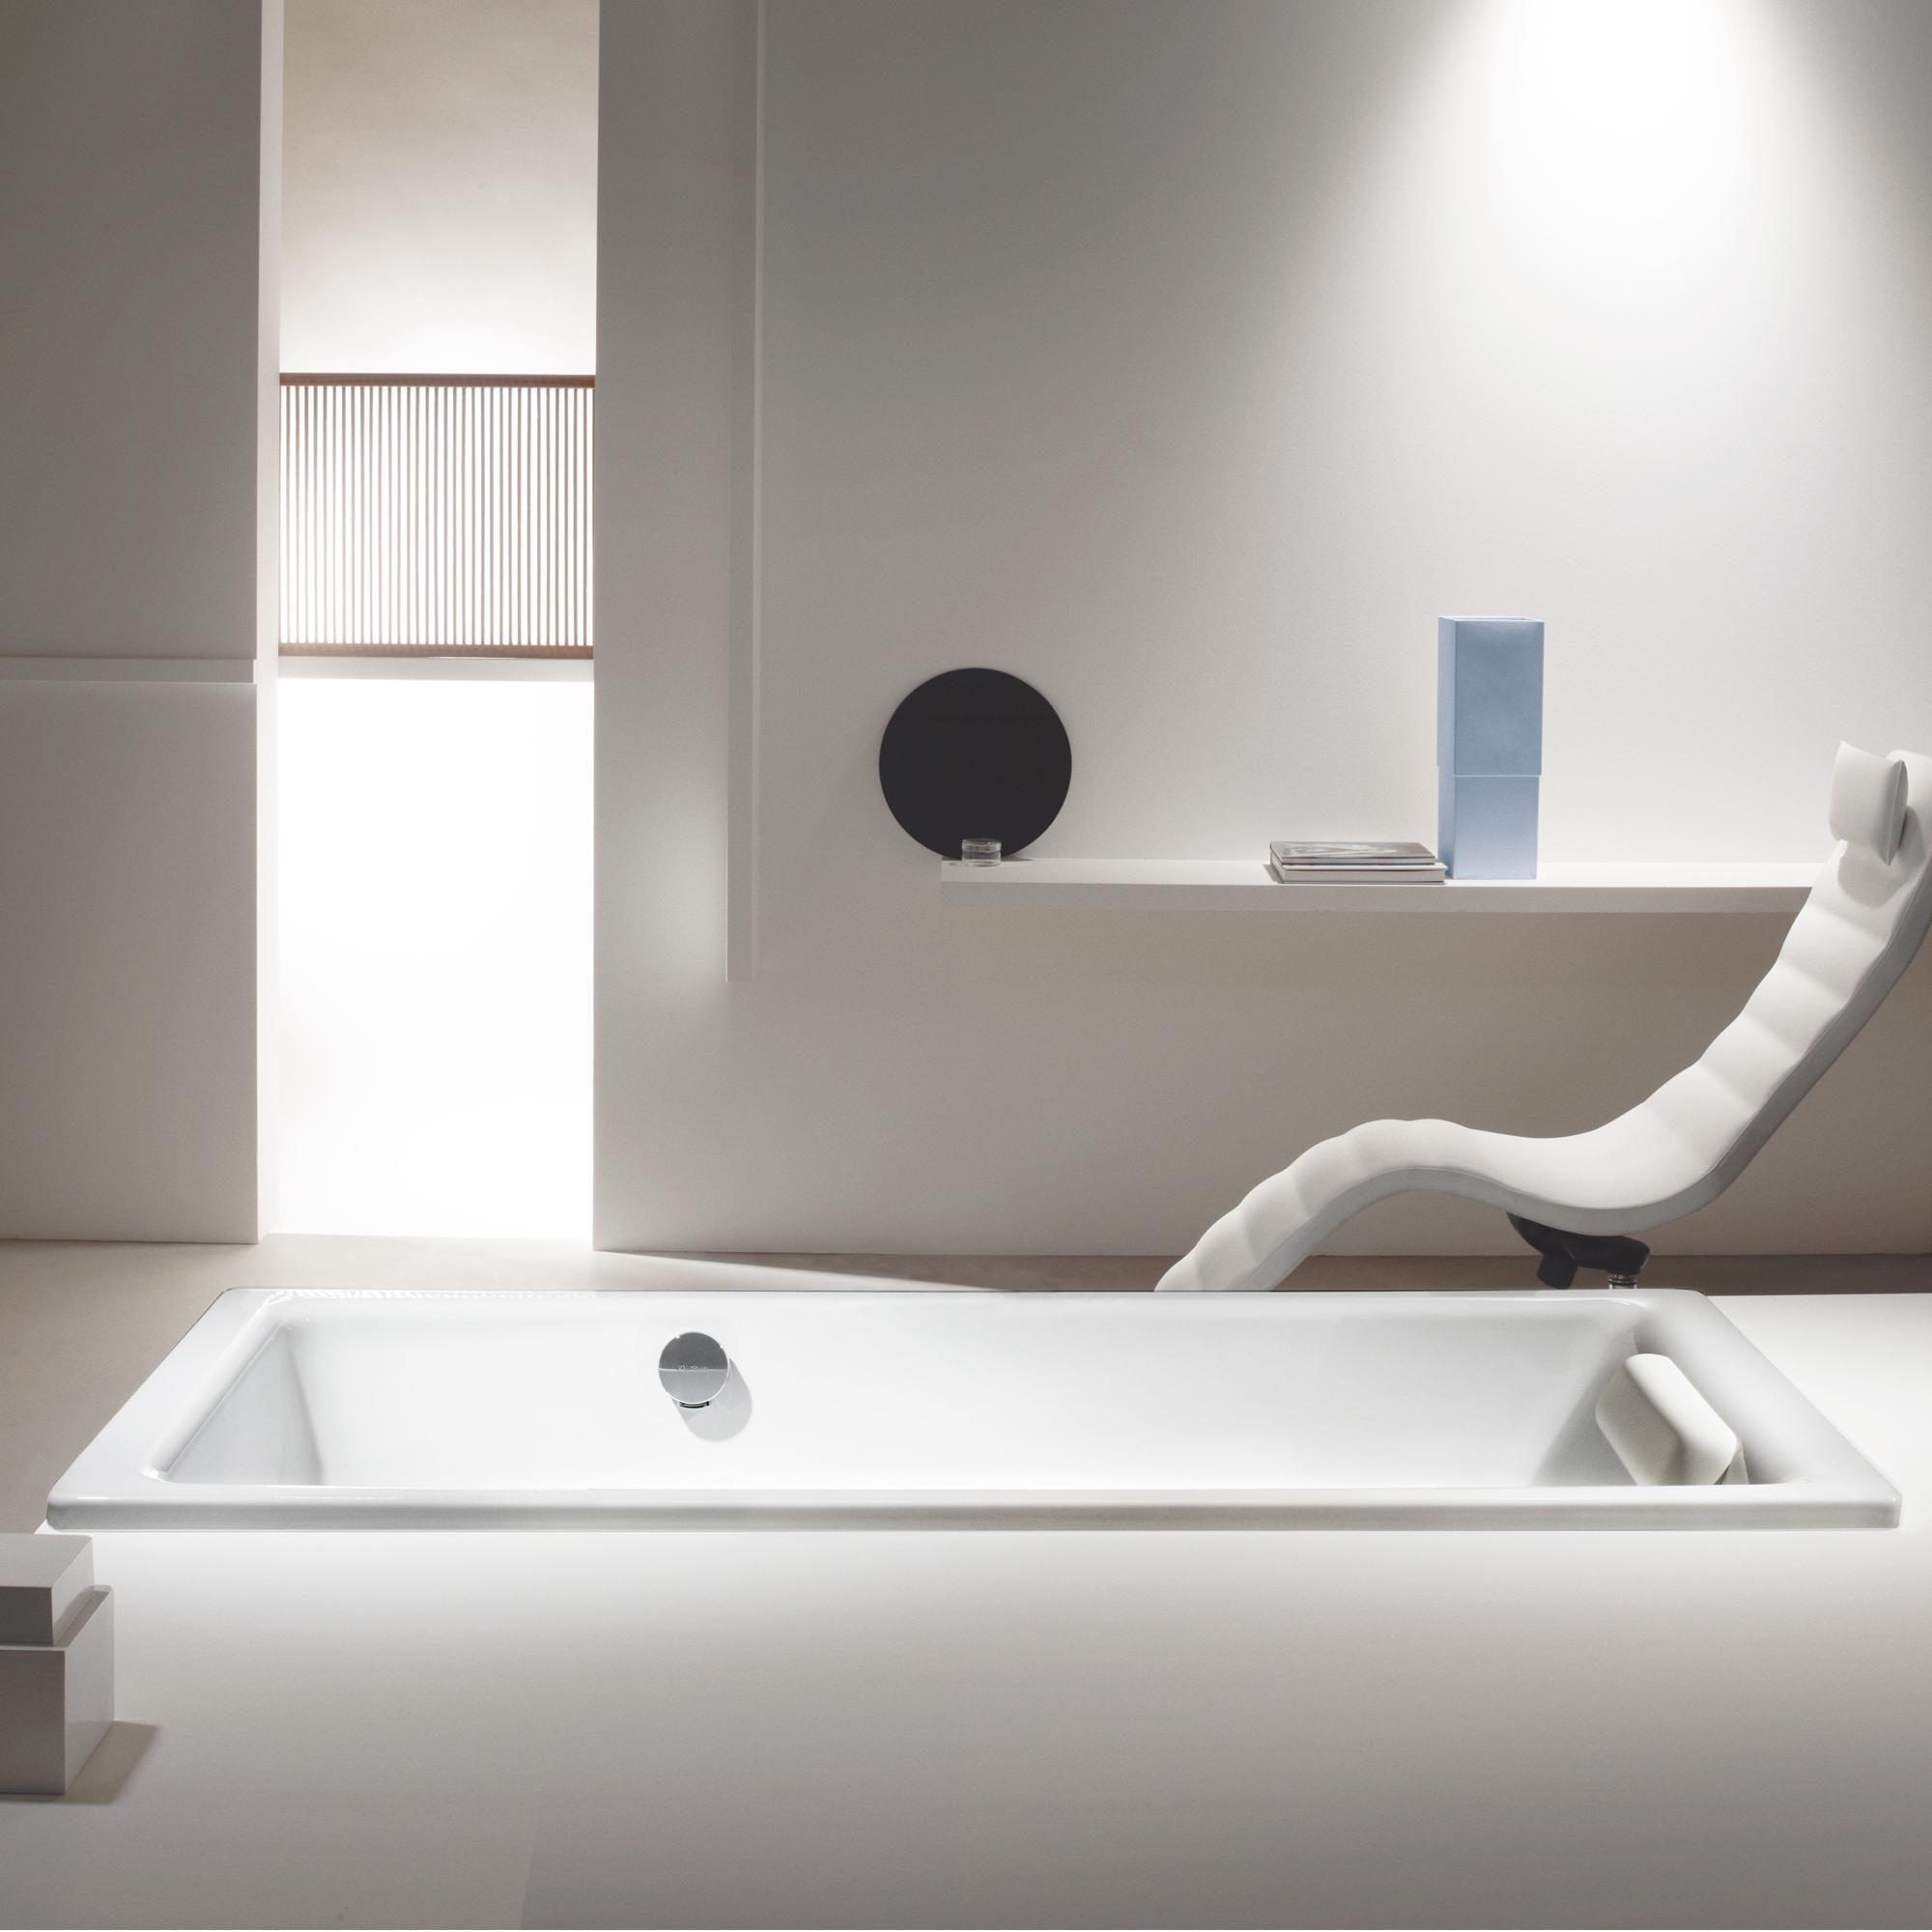 Kaldewei Puro & Puro Star Rechteck Badewanne mit seitlichem Überlauf  Vollantislip, weiß